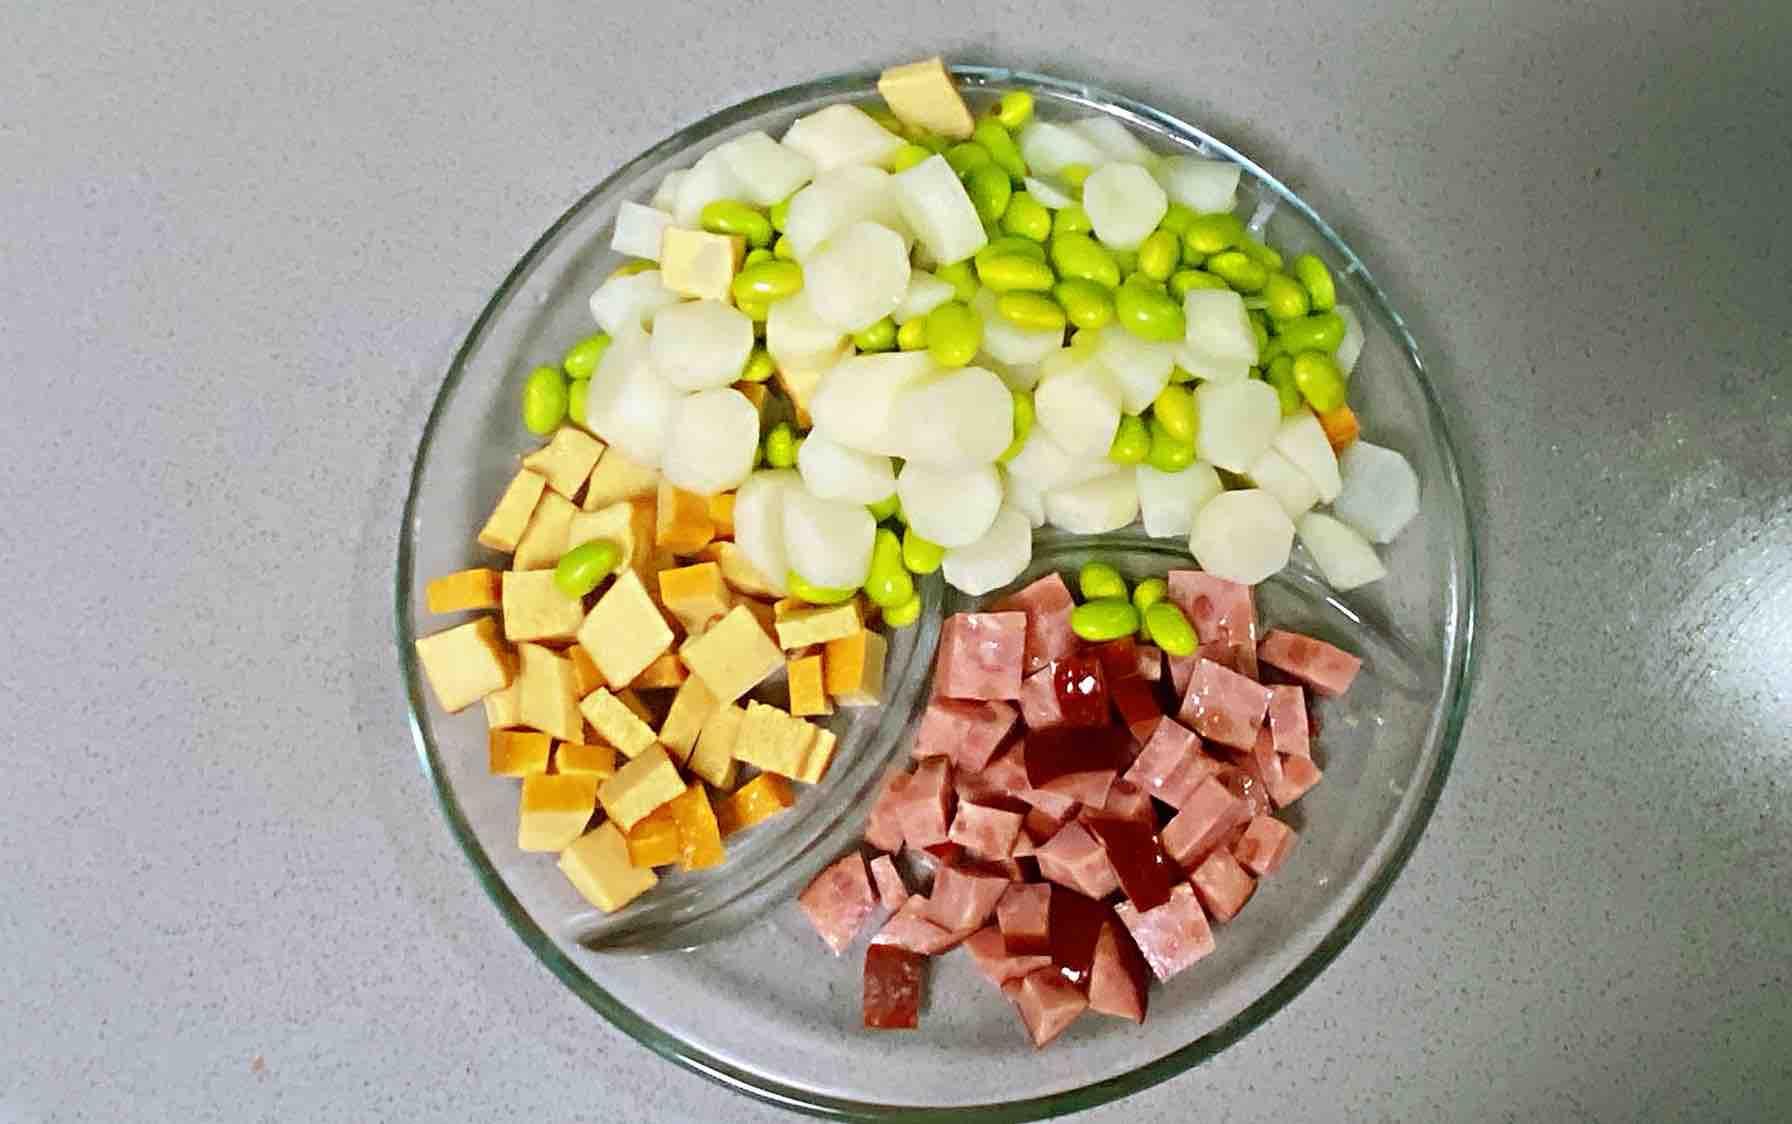 【孕妇食谱】火腿毛豆山药丁,营养丰富、色香味美~的简单做法